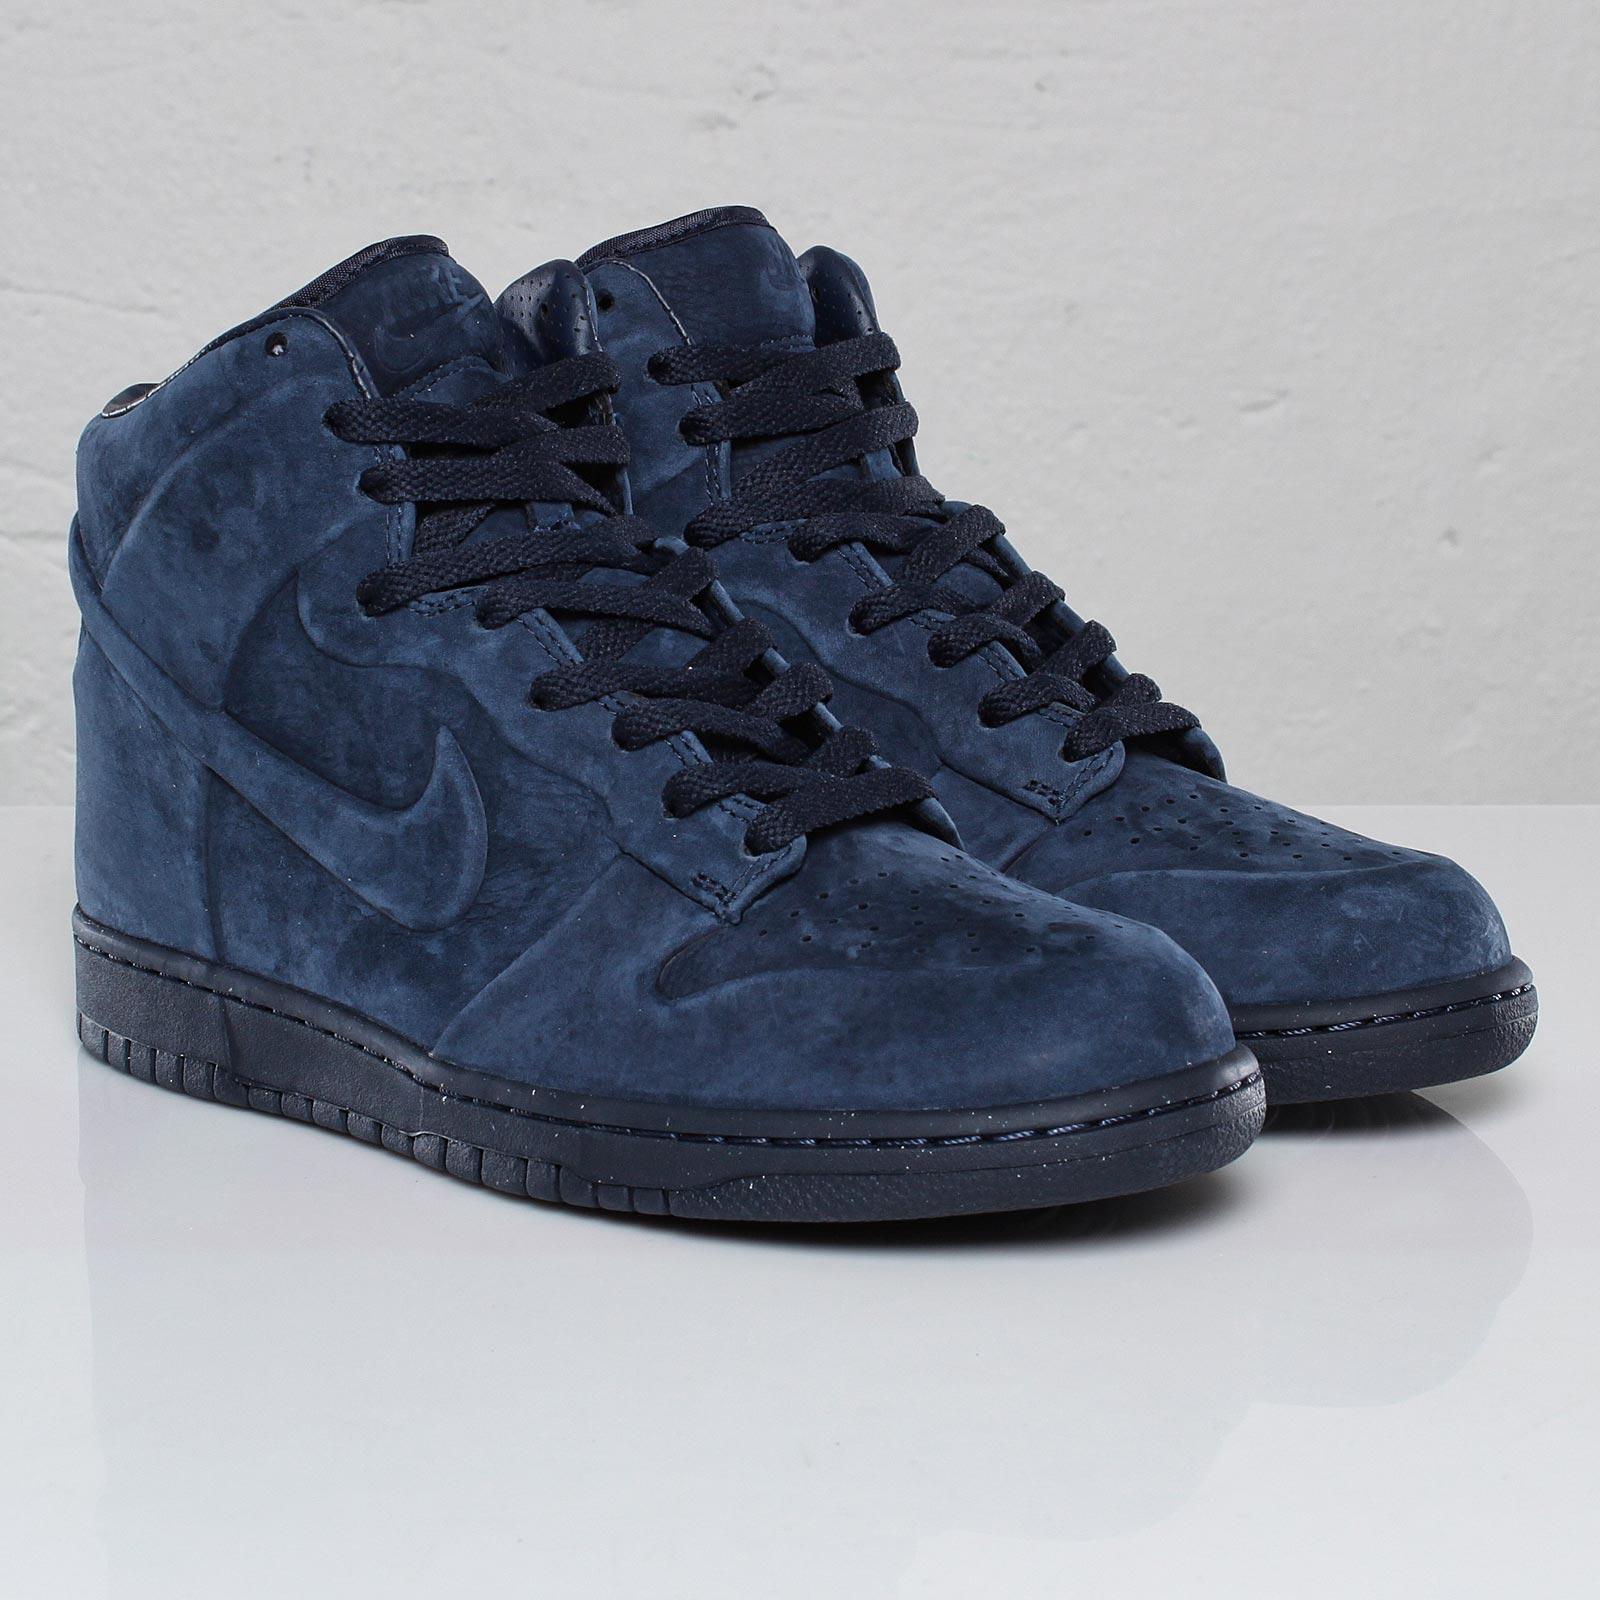 cheap for discount 21276 acb4e Nike Dunk High VT Premium